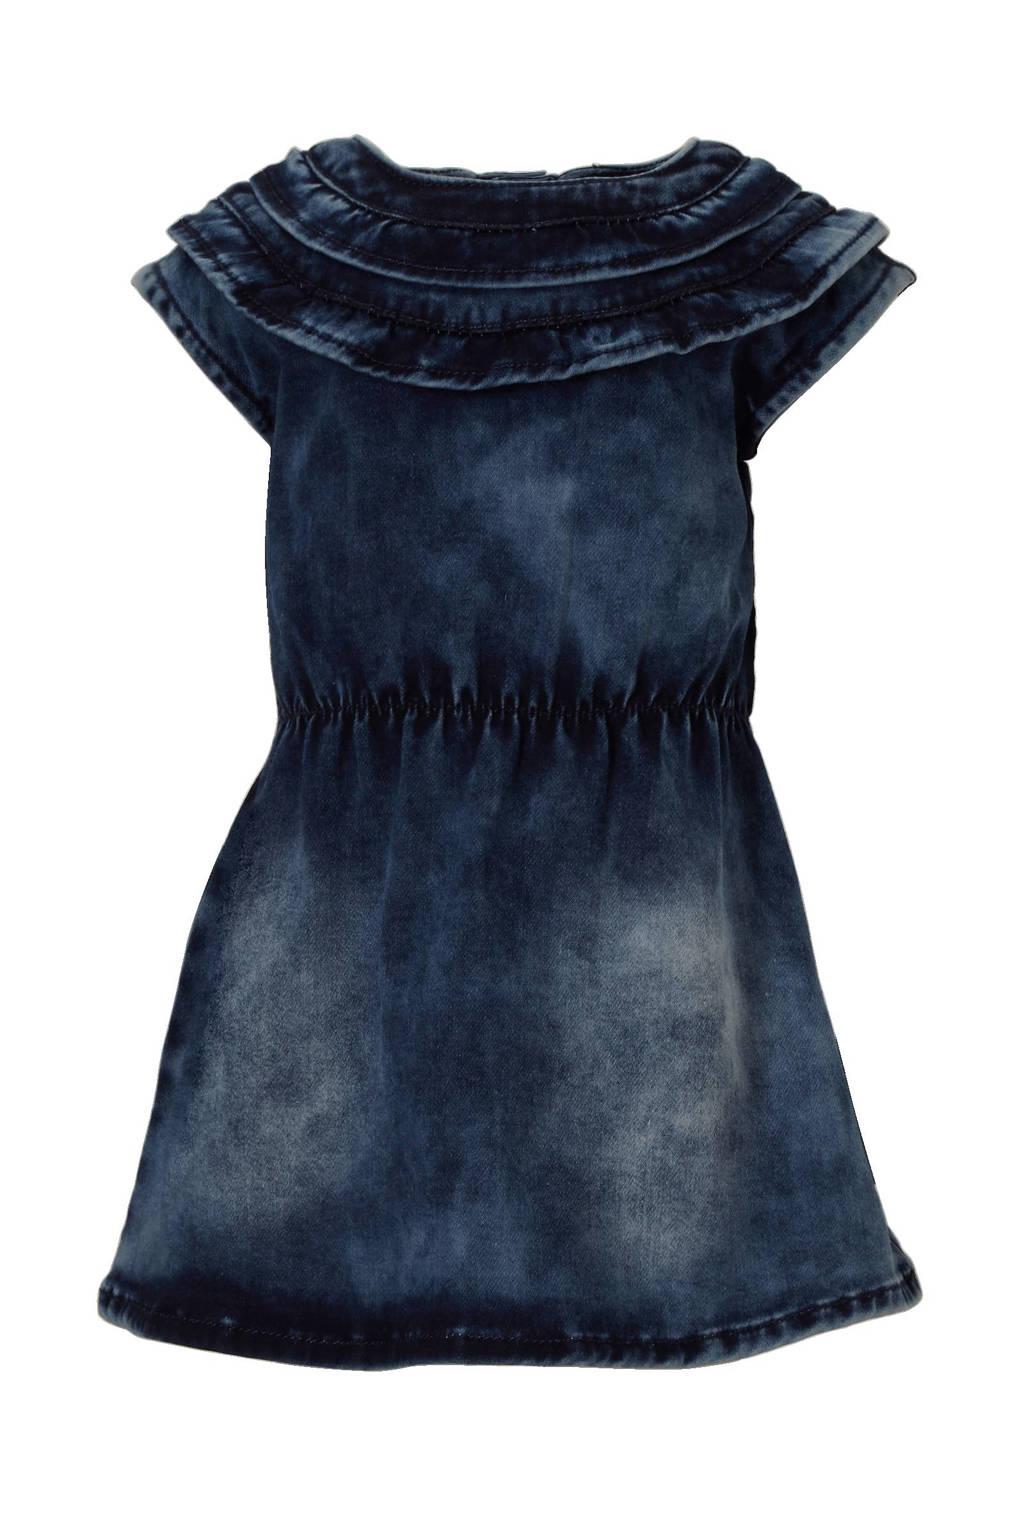 Small Rags spijkerjurk Hella, Denim/ donkerblauw